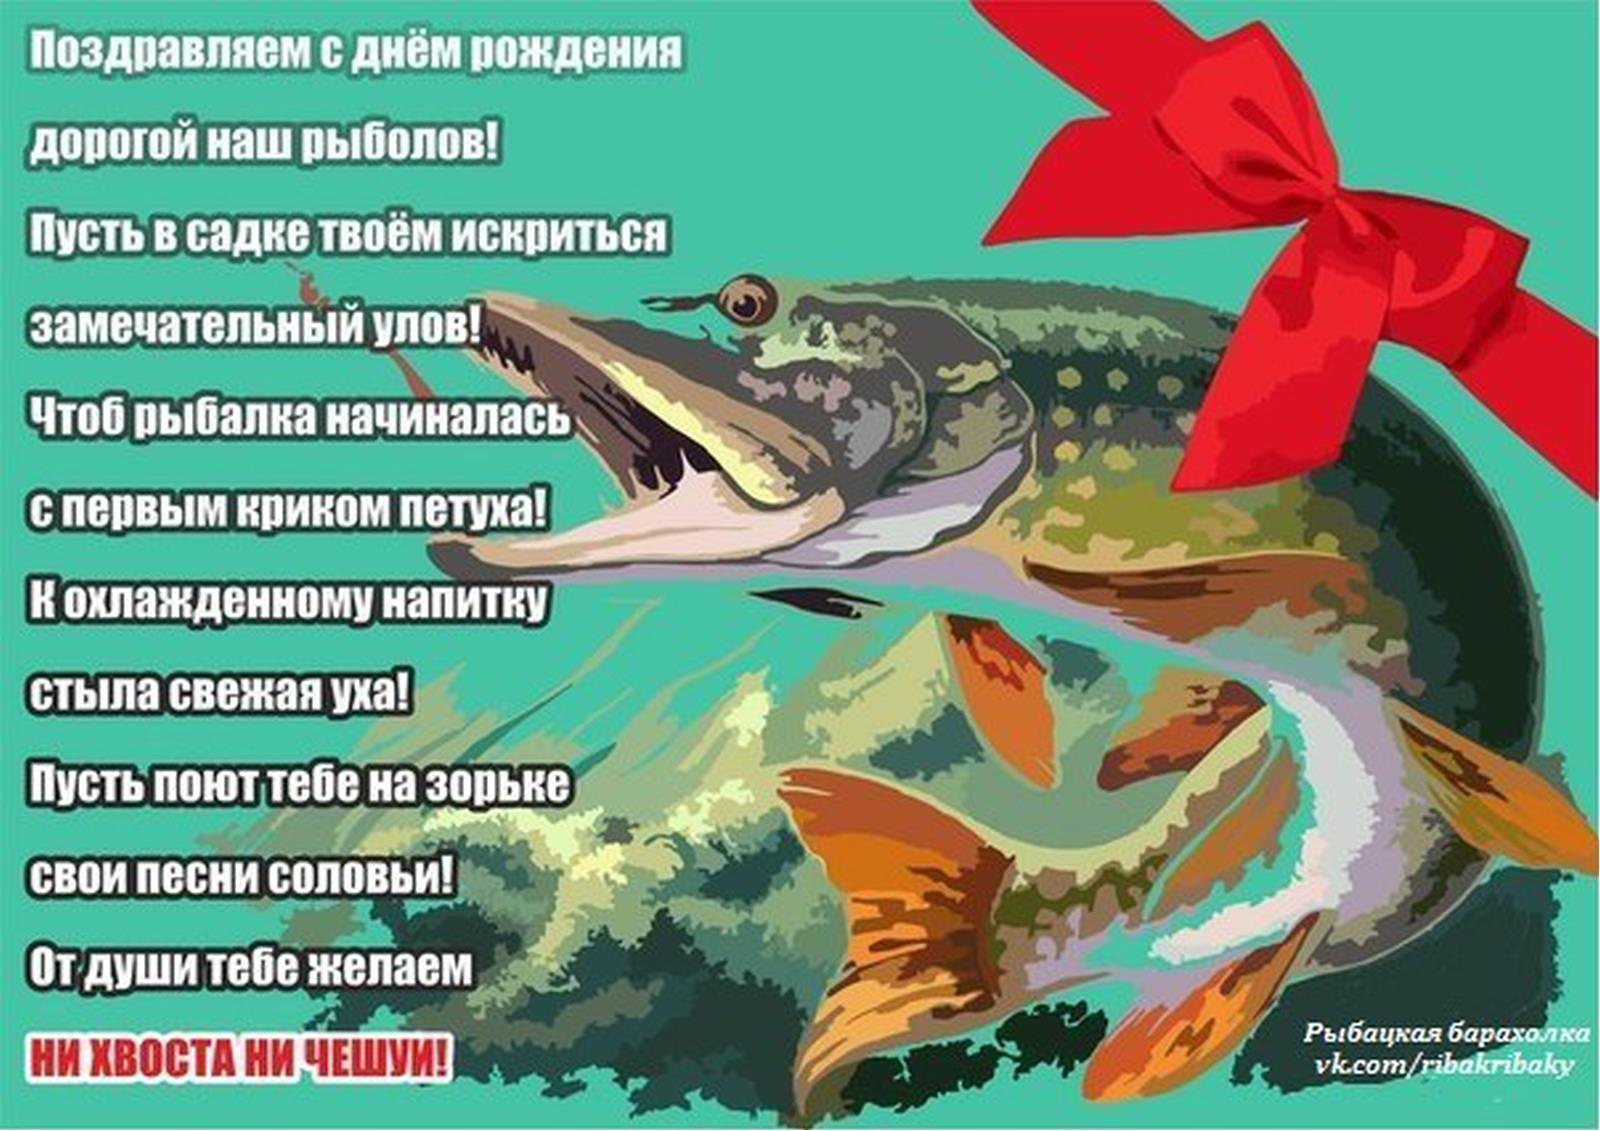 Поздравление с днем рождения охотнику - Поздравок